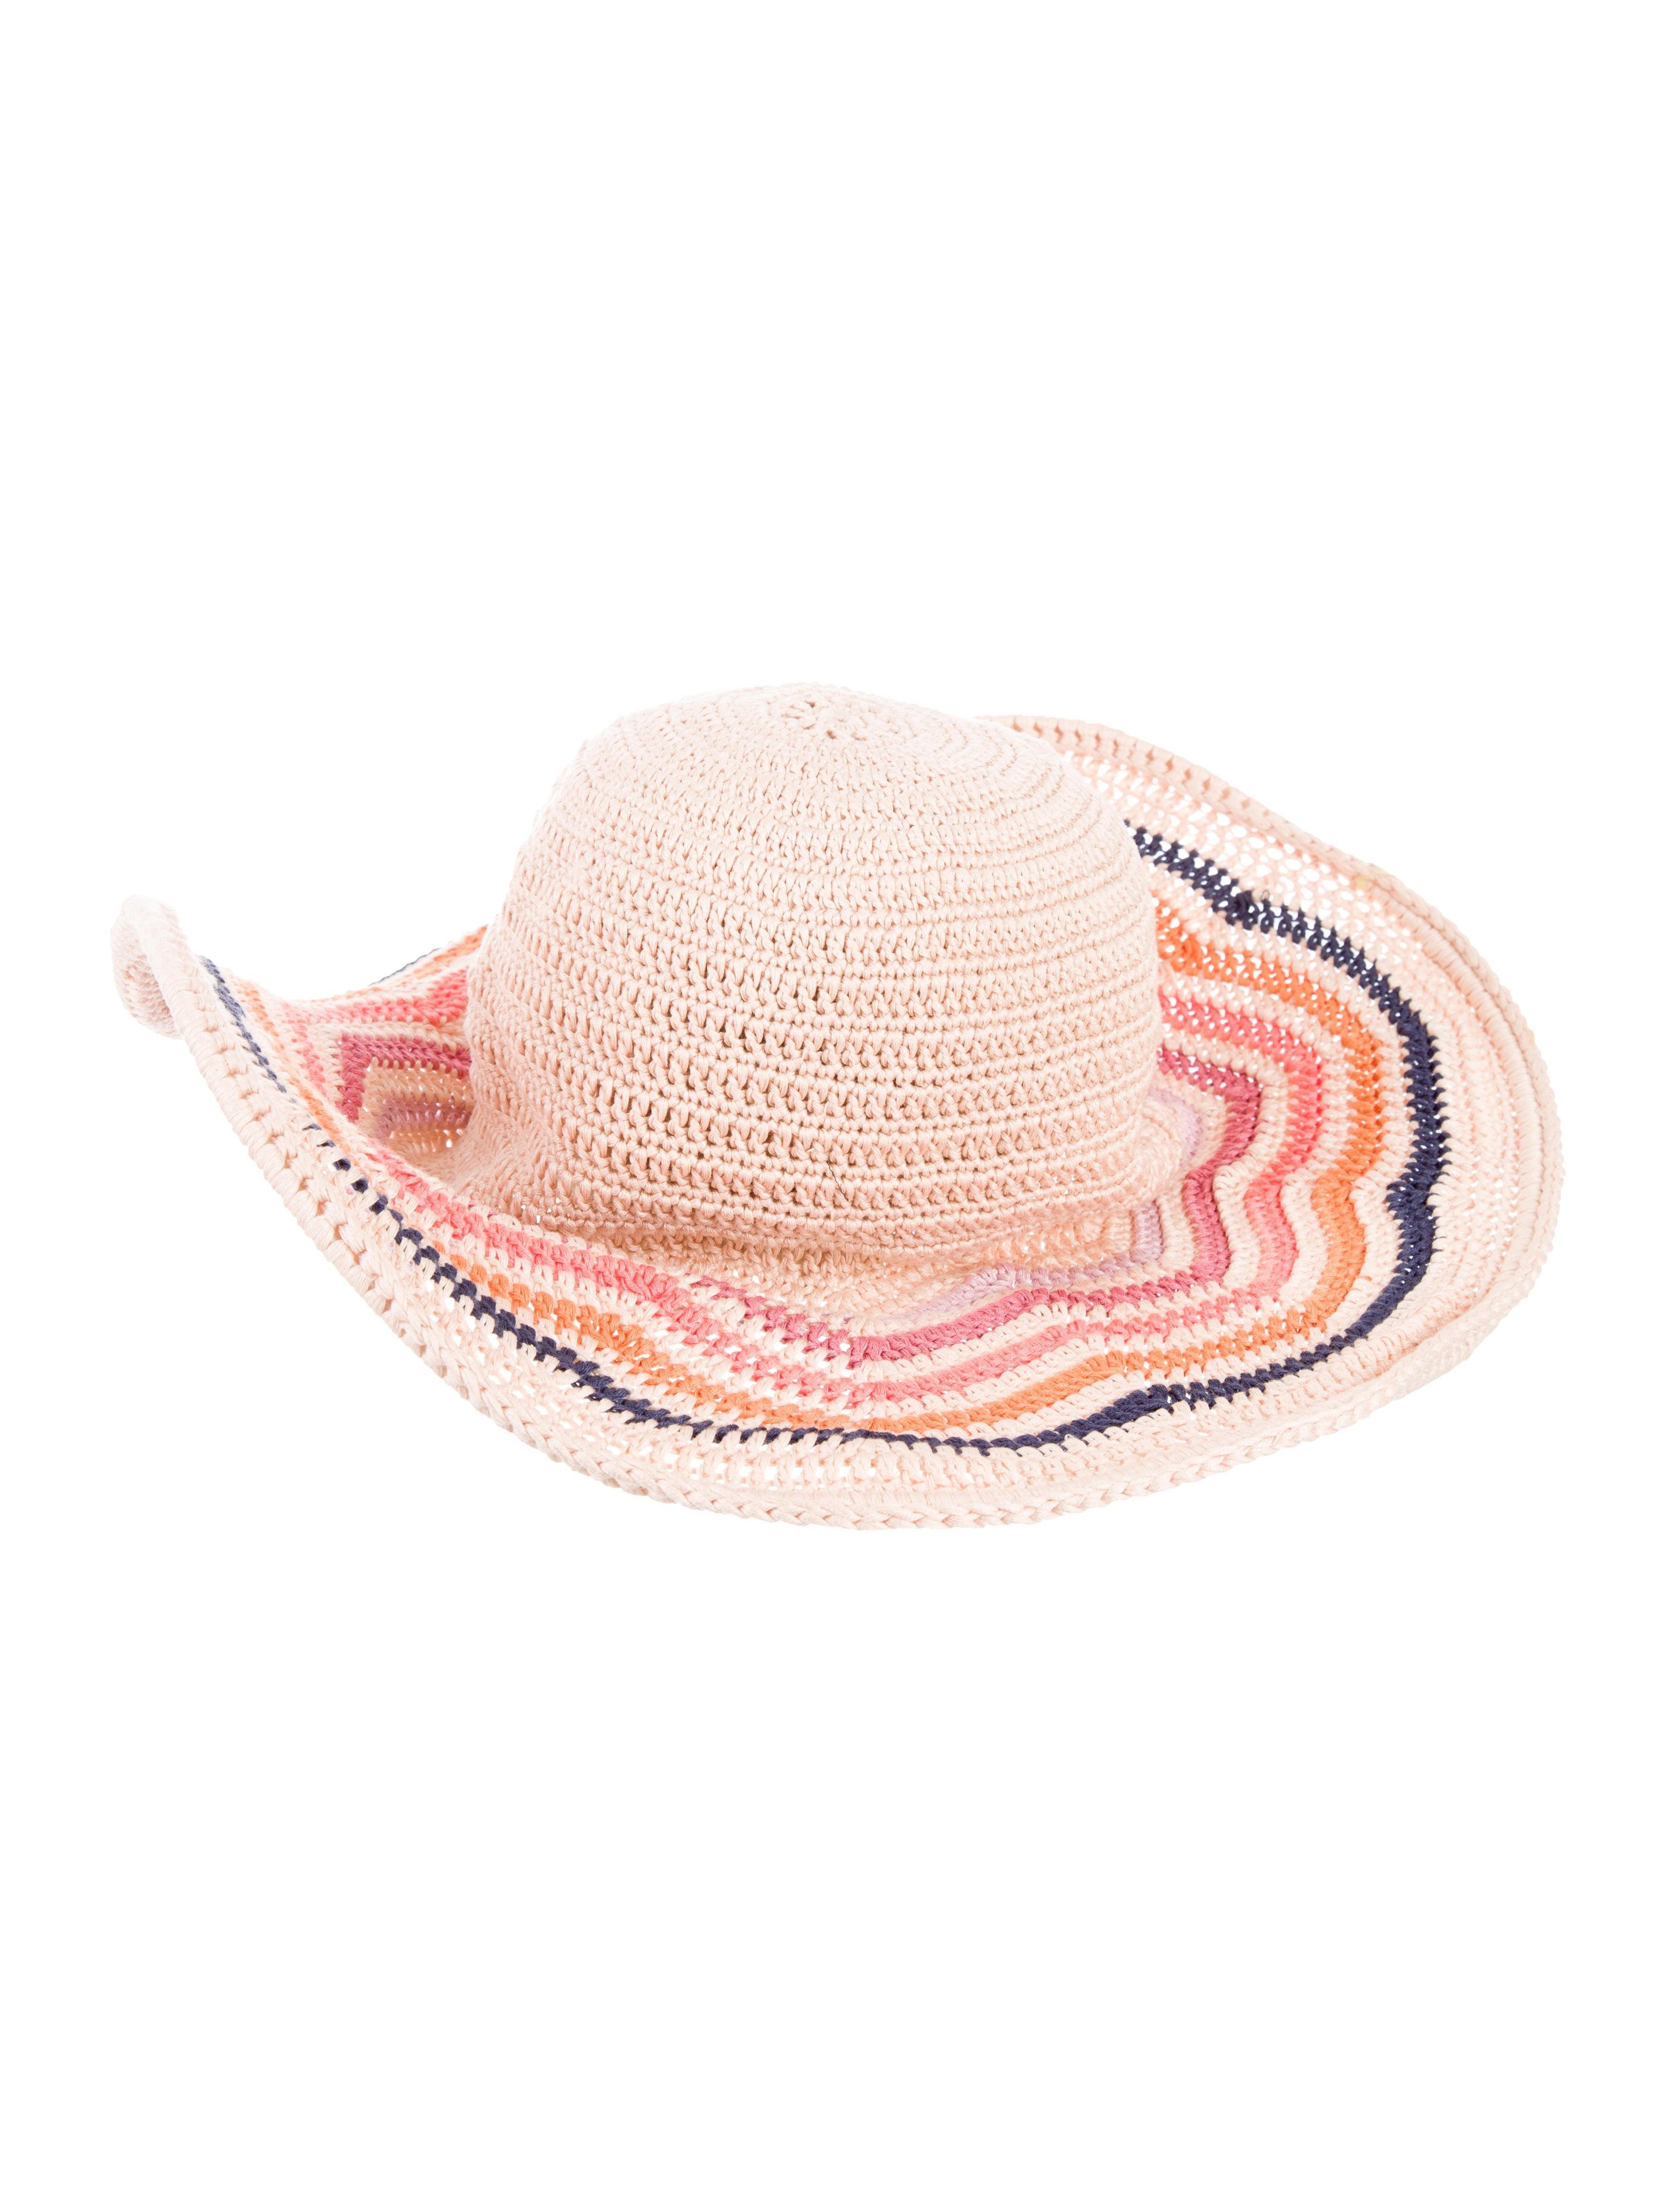 Missoni Woven Bucket Hat - Accessories - MIS42278  c3e32d4724e